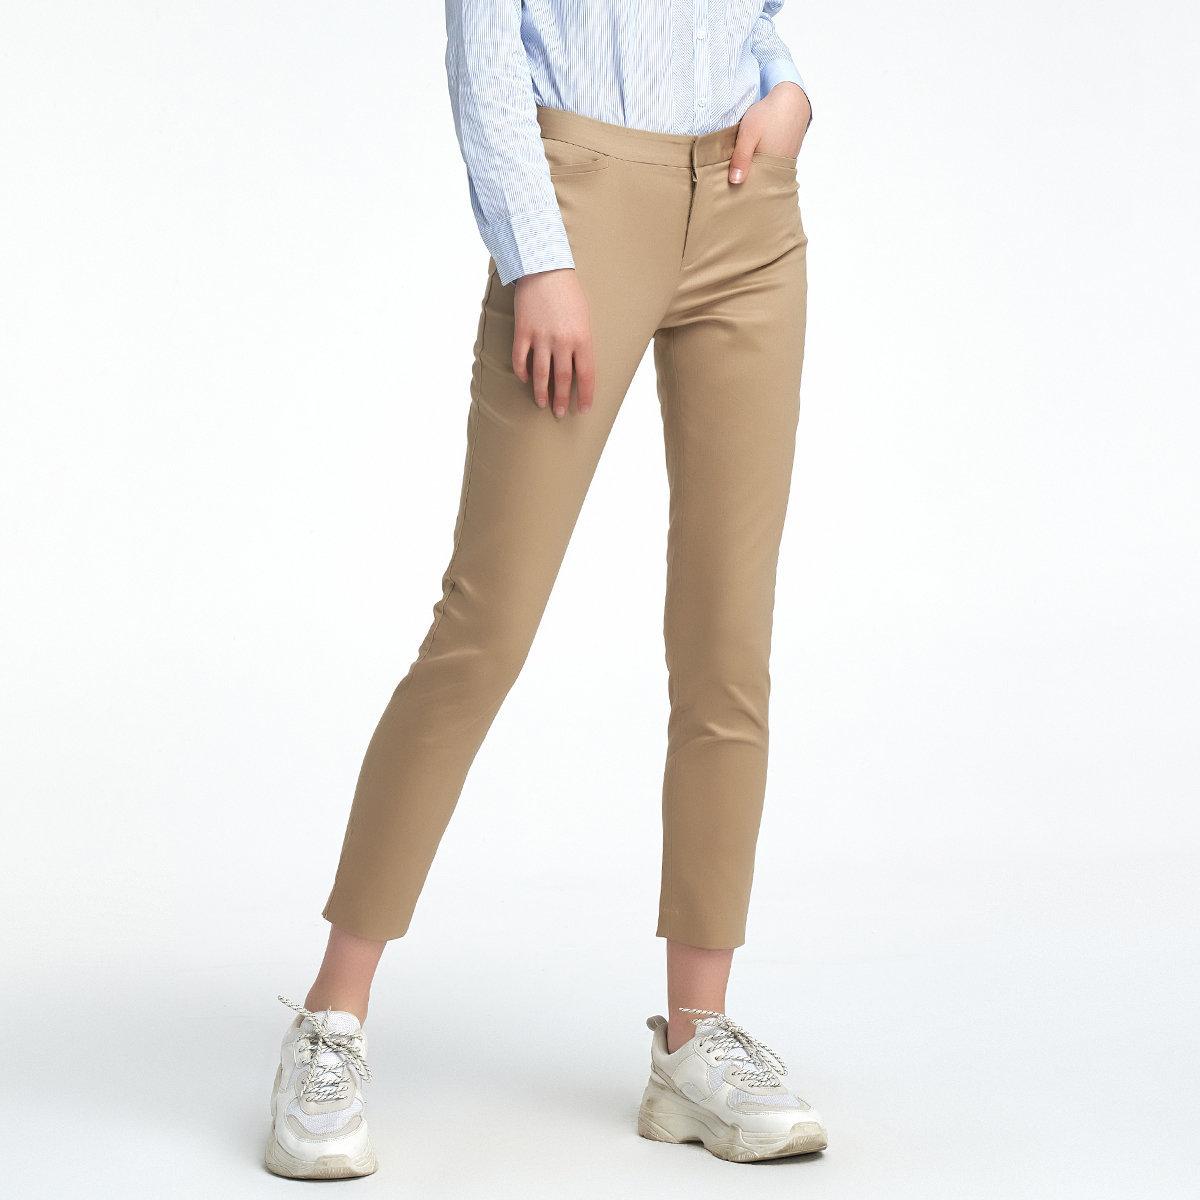 WOMEN'S PANTS(khaki)